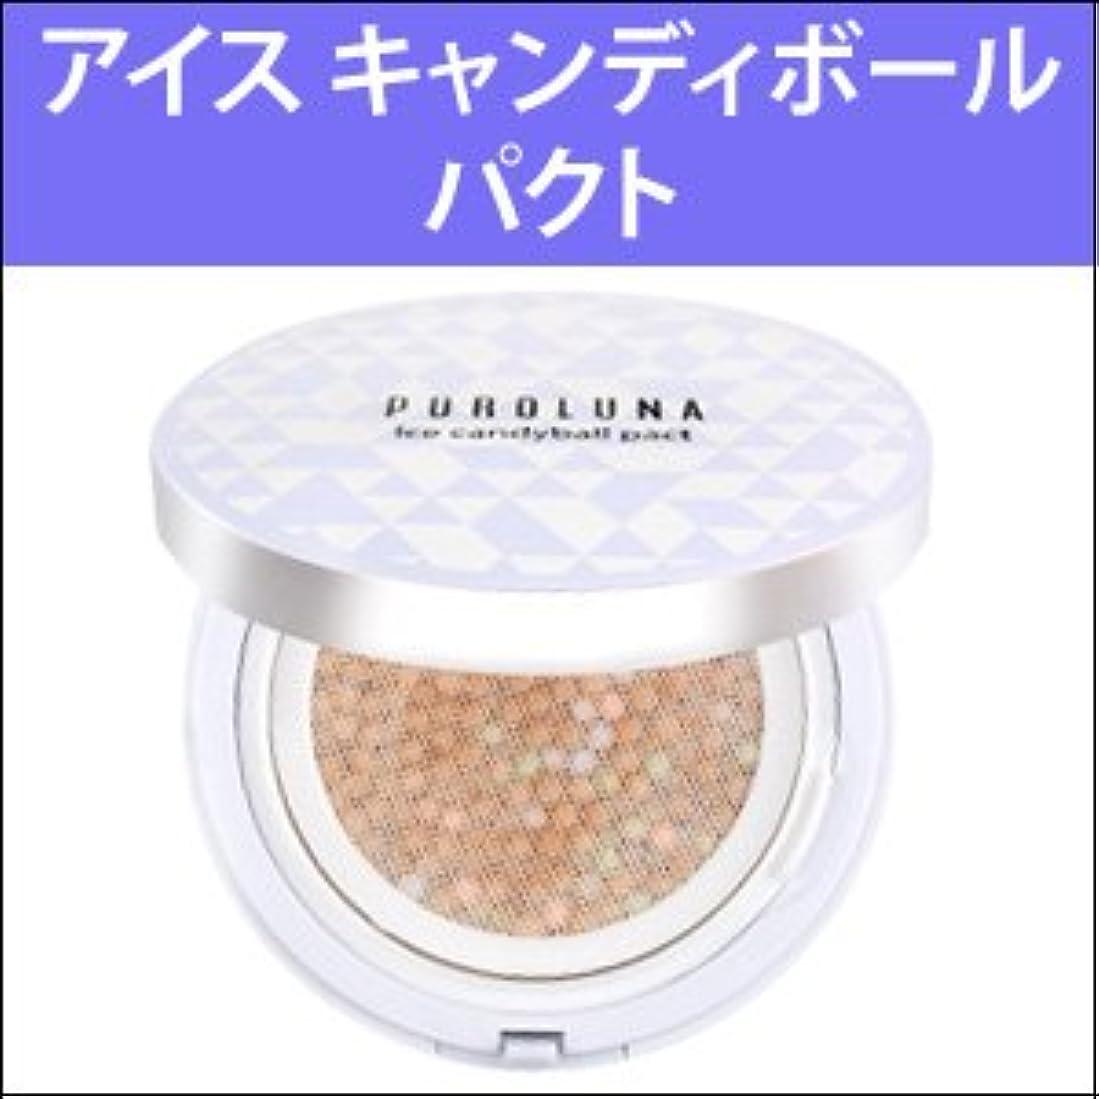 姿を消すロードされた脆い『PUROLUNA・プロルナ』 アイス キャンディボール パクト(SPF50+/PA+++) カラー:1号 バニラ